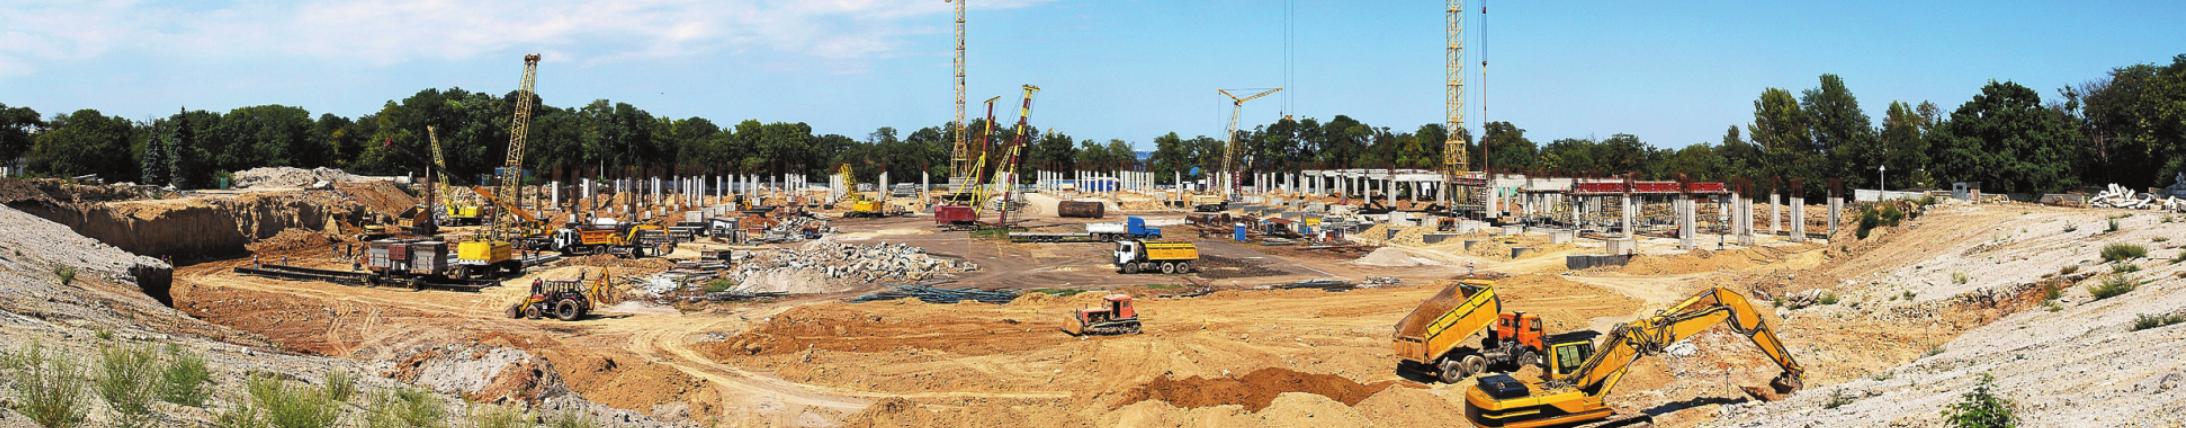 Bau Berlin und Brandenburg zu Ausbildungsplätzen und Förderprogrammen Image 1